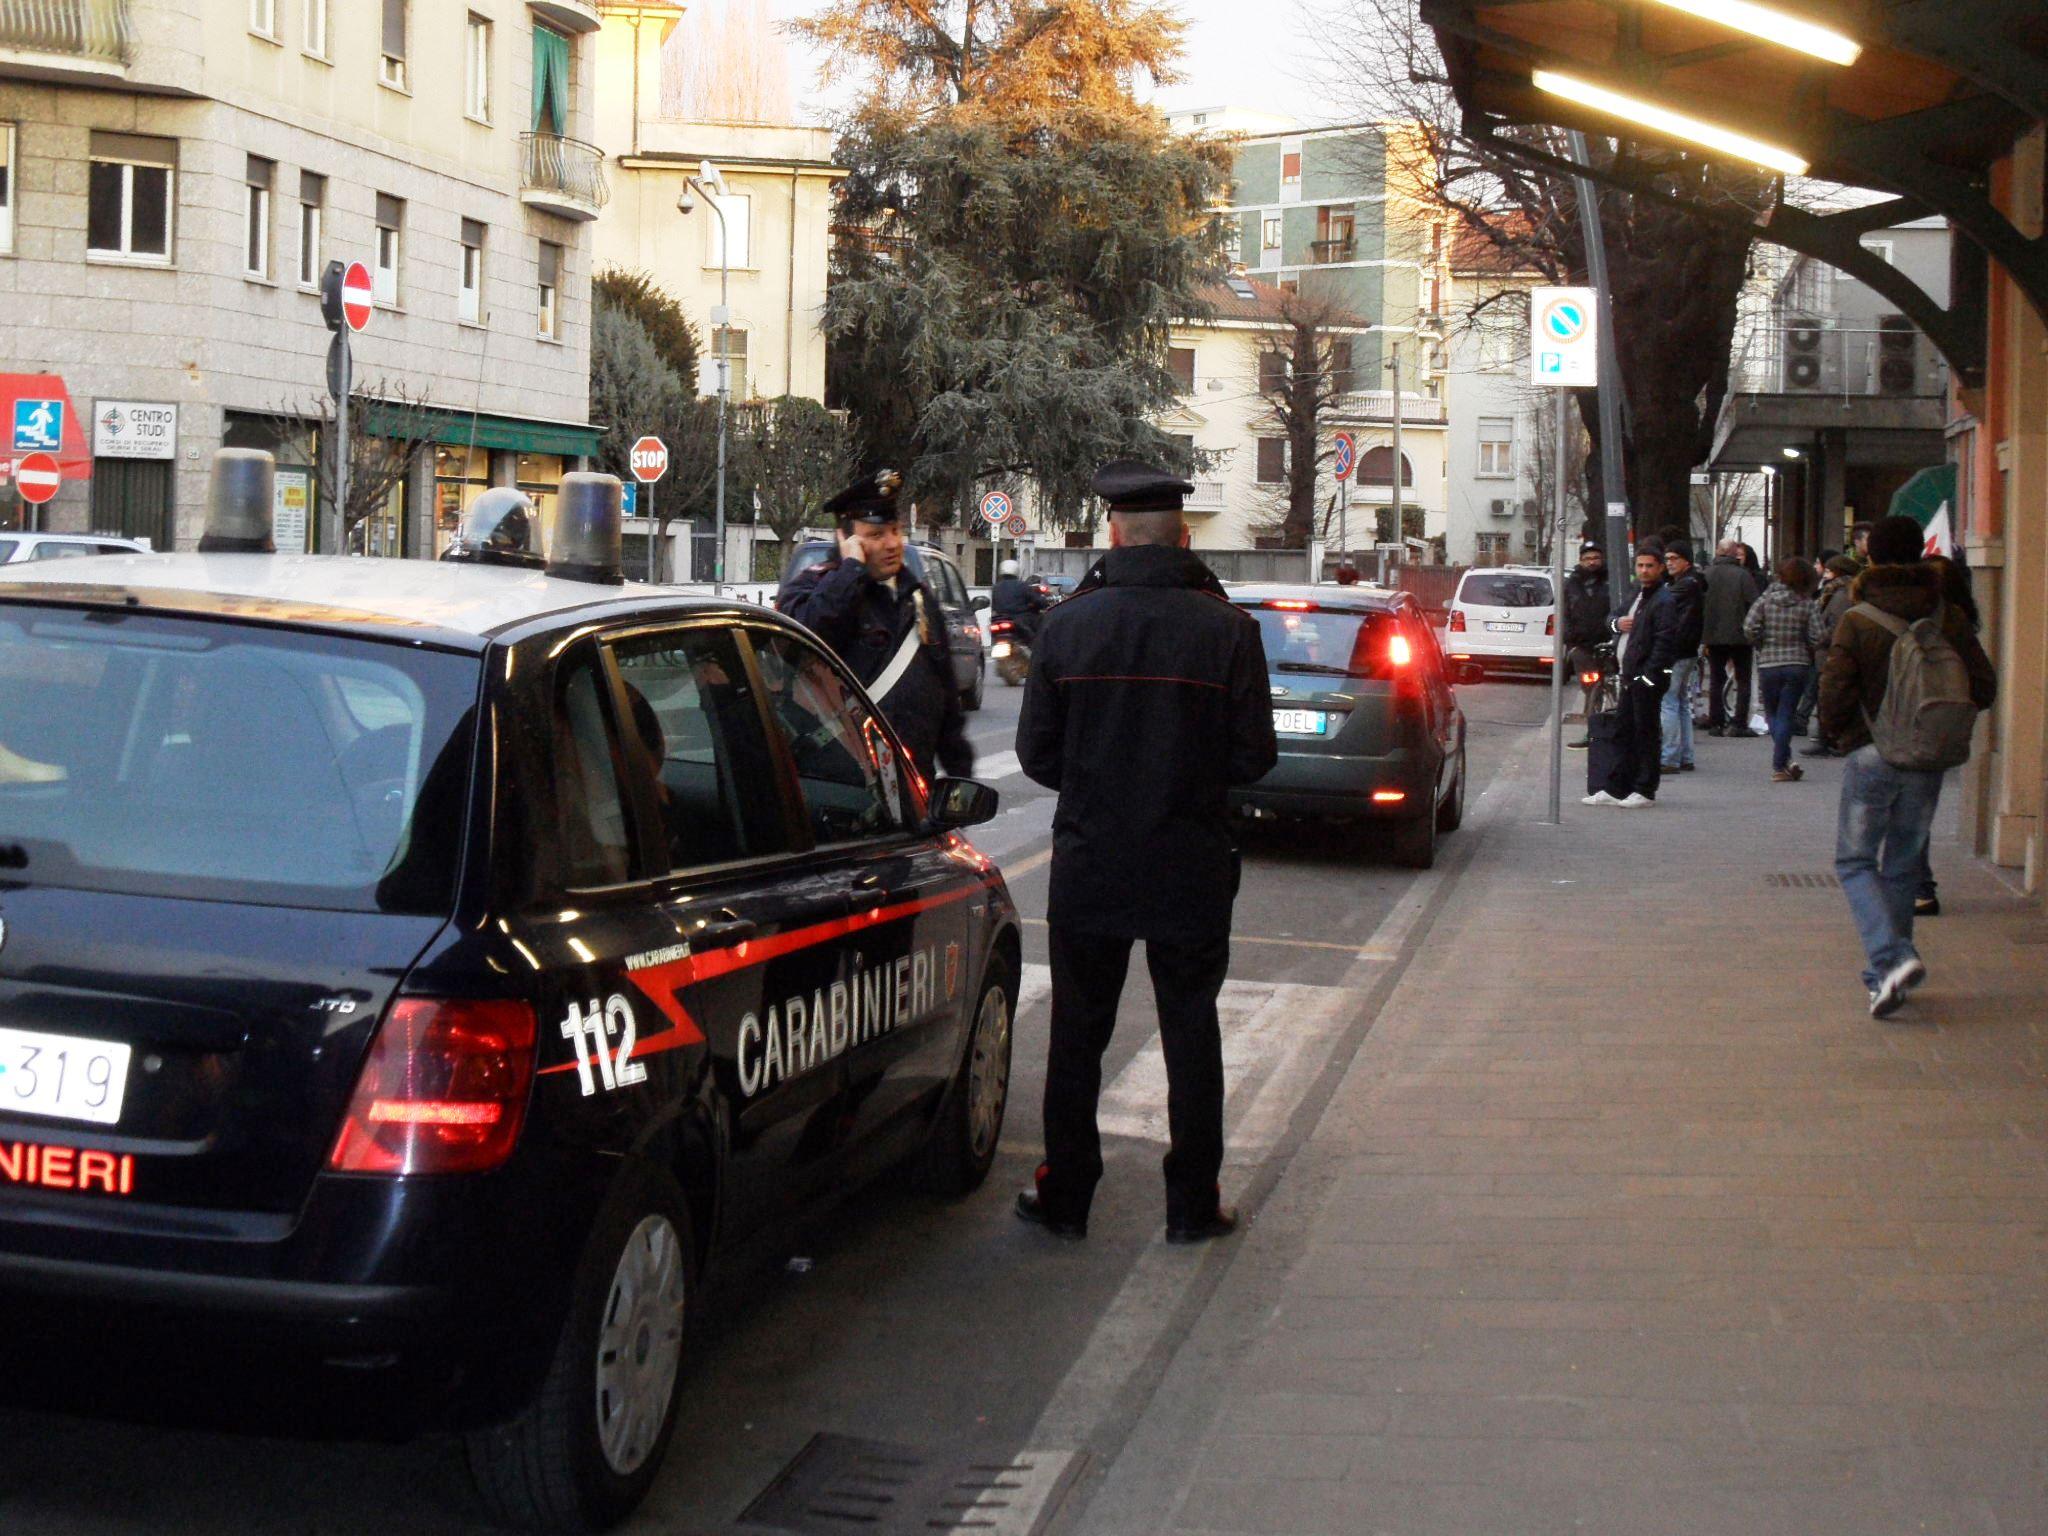 Vittoria, ritrovata a Catania la minorenne scomparsa il 25 aprile